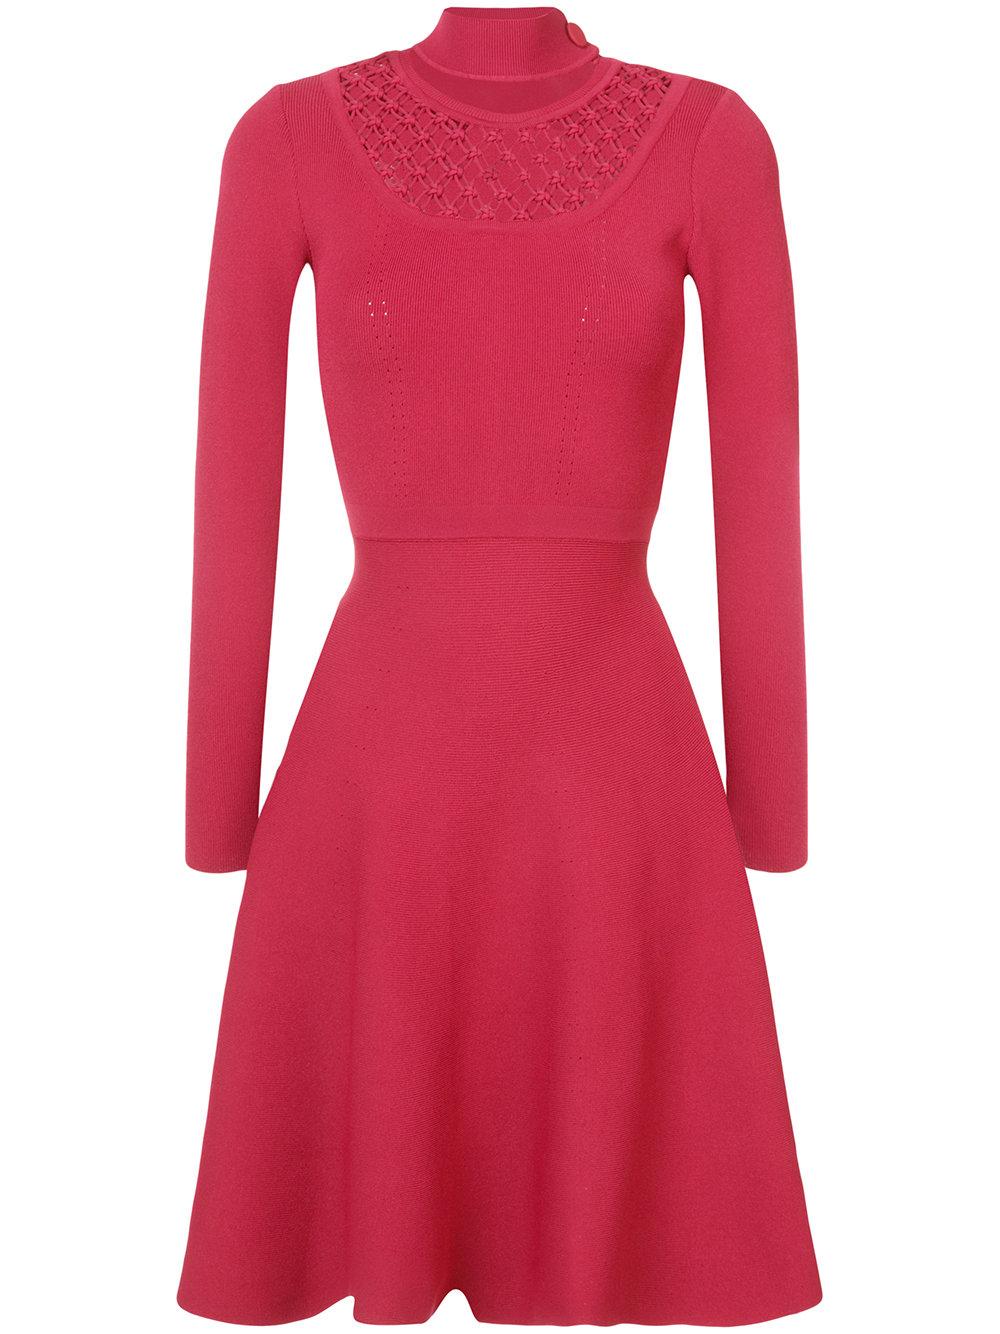 FENDI cut-out dress - $1,550